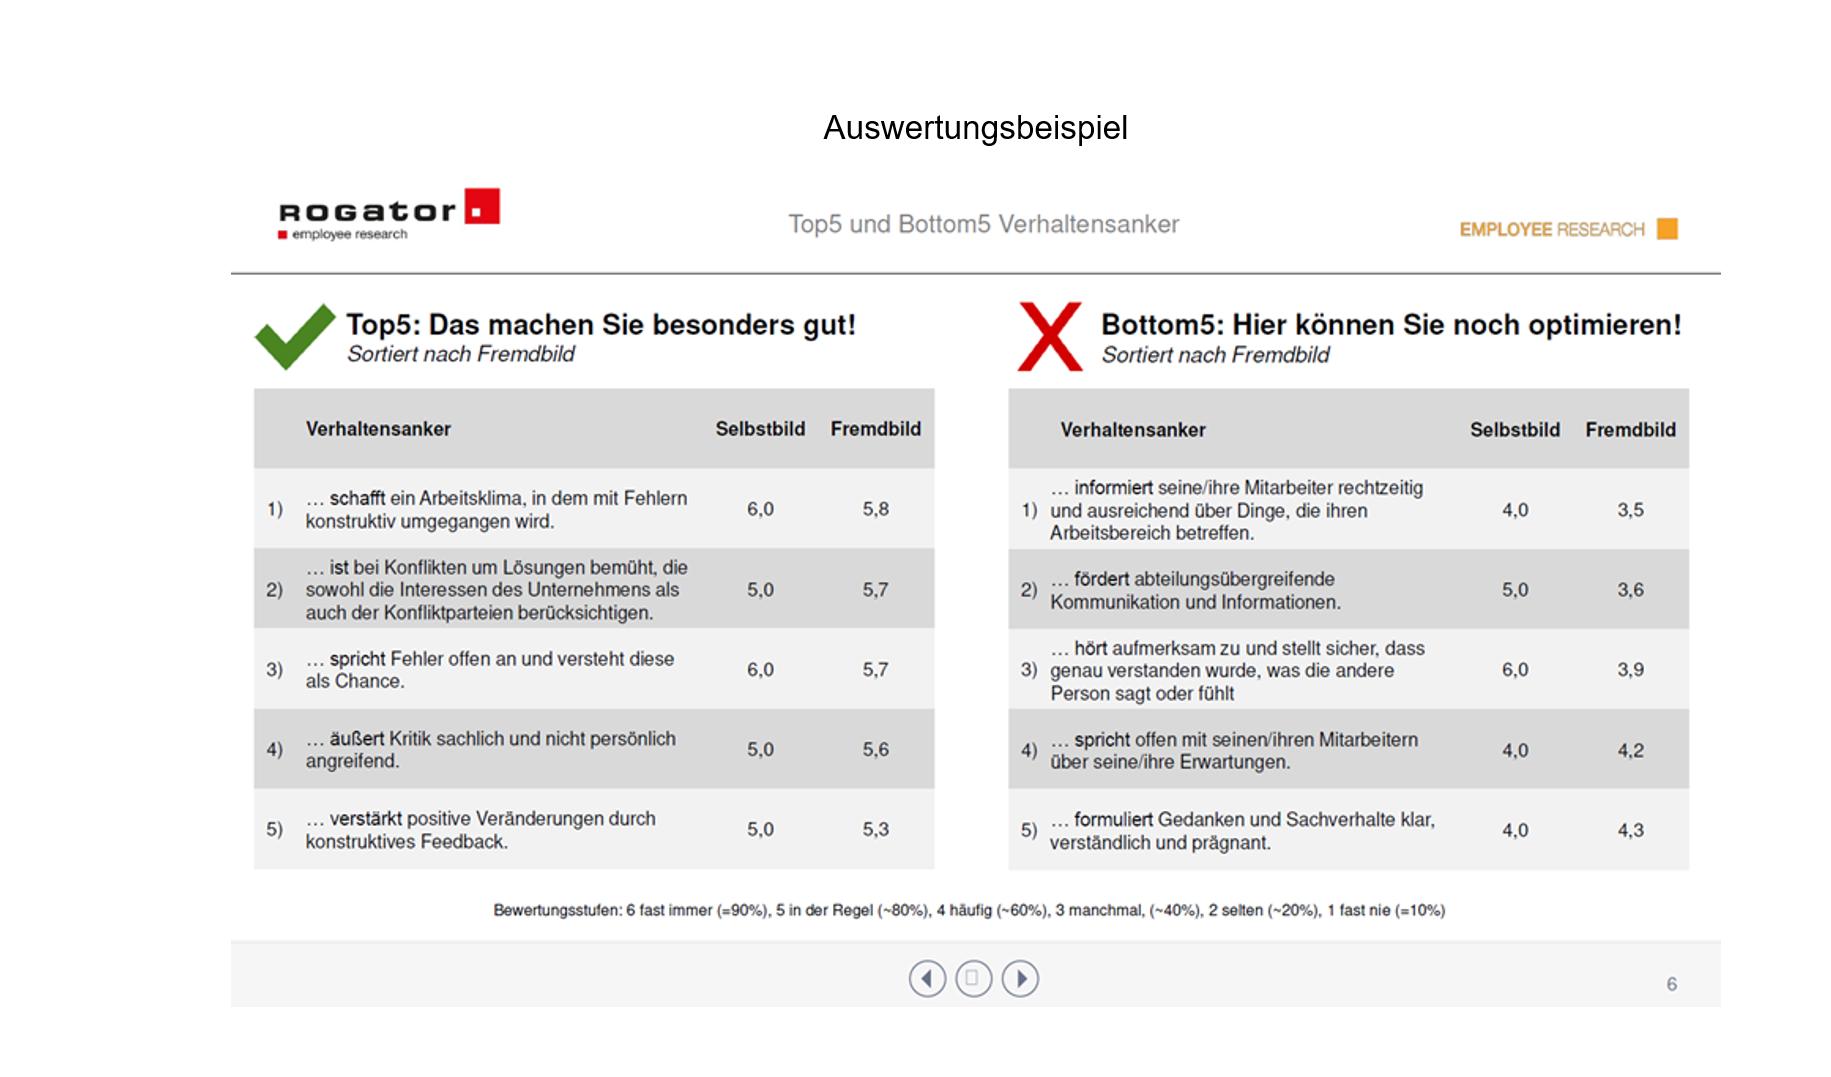 Fuehrungskraeftefeedback Beispiel Auswertung Slide 4